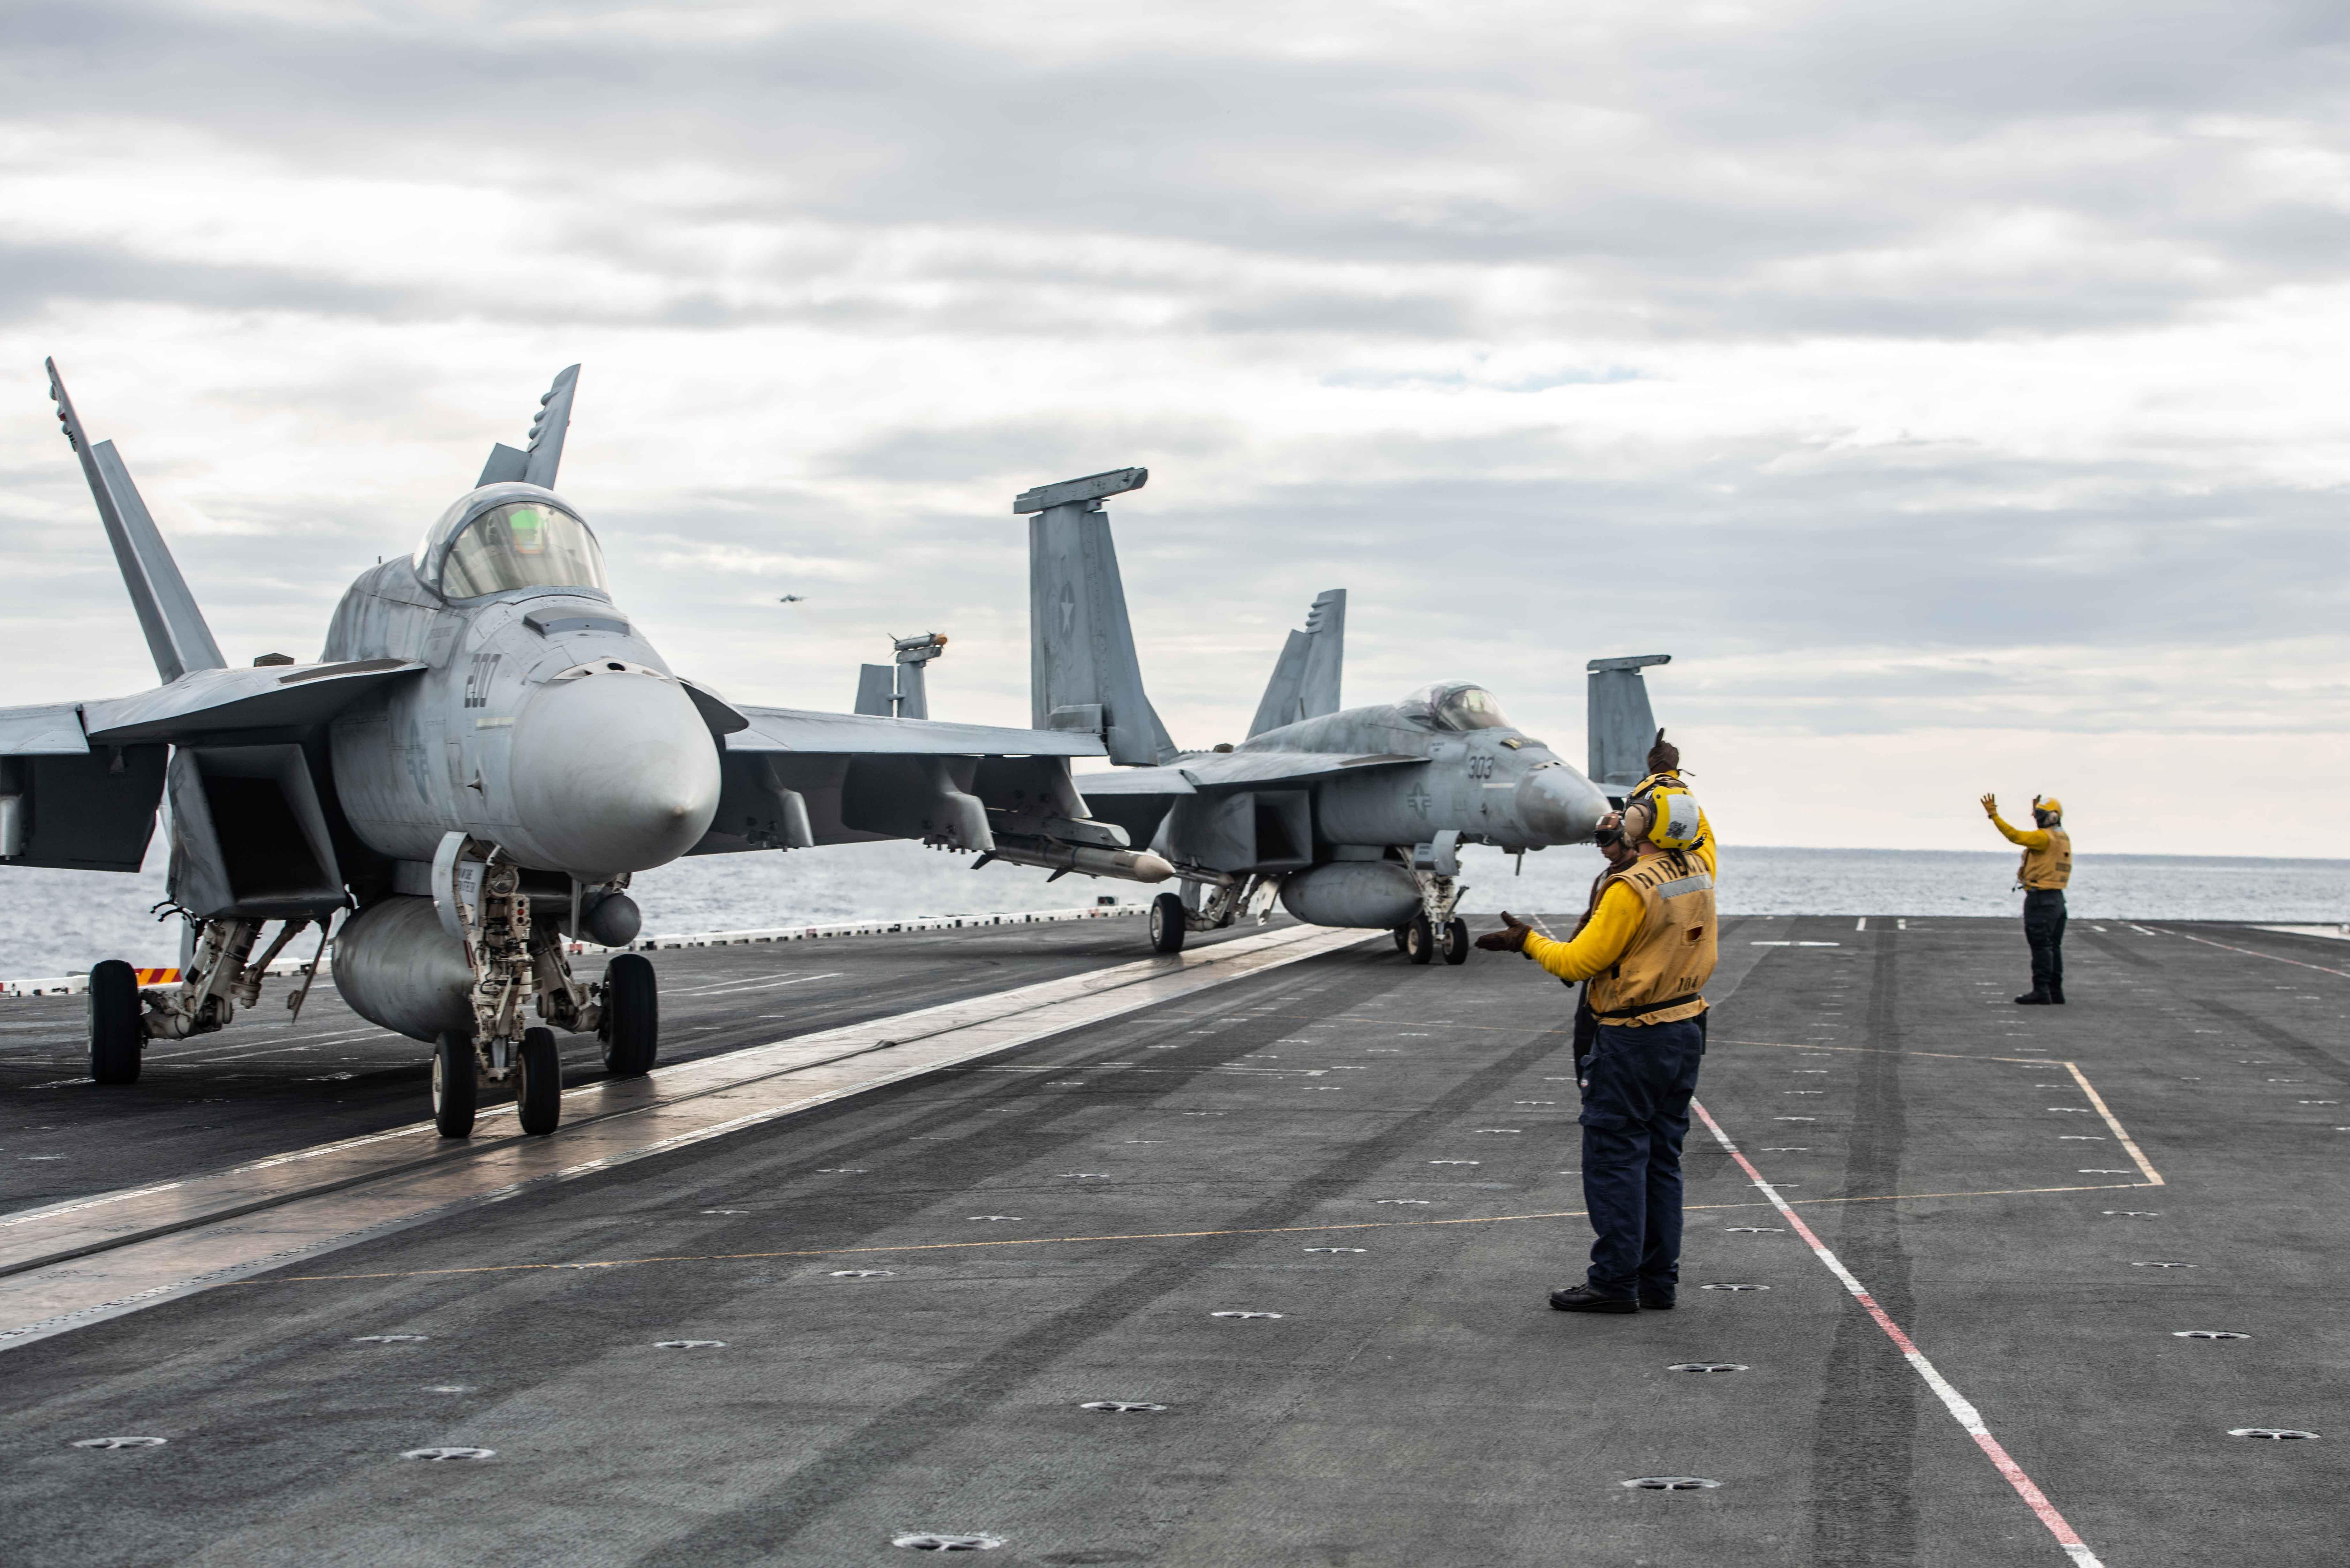 U.S. Navy F/A-18E Super Hornets with AN/ASQ-228 ATFLIR pods.